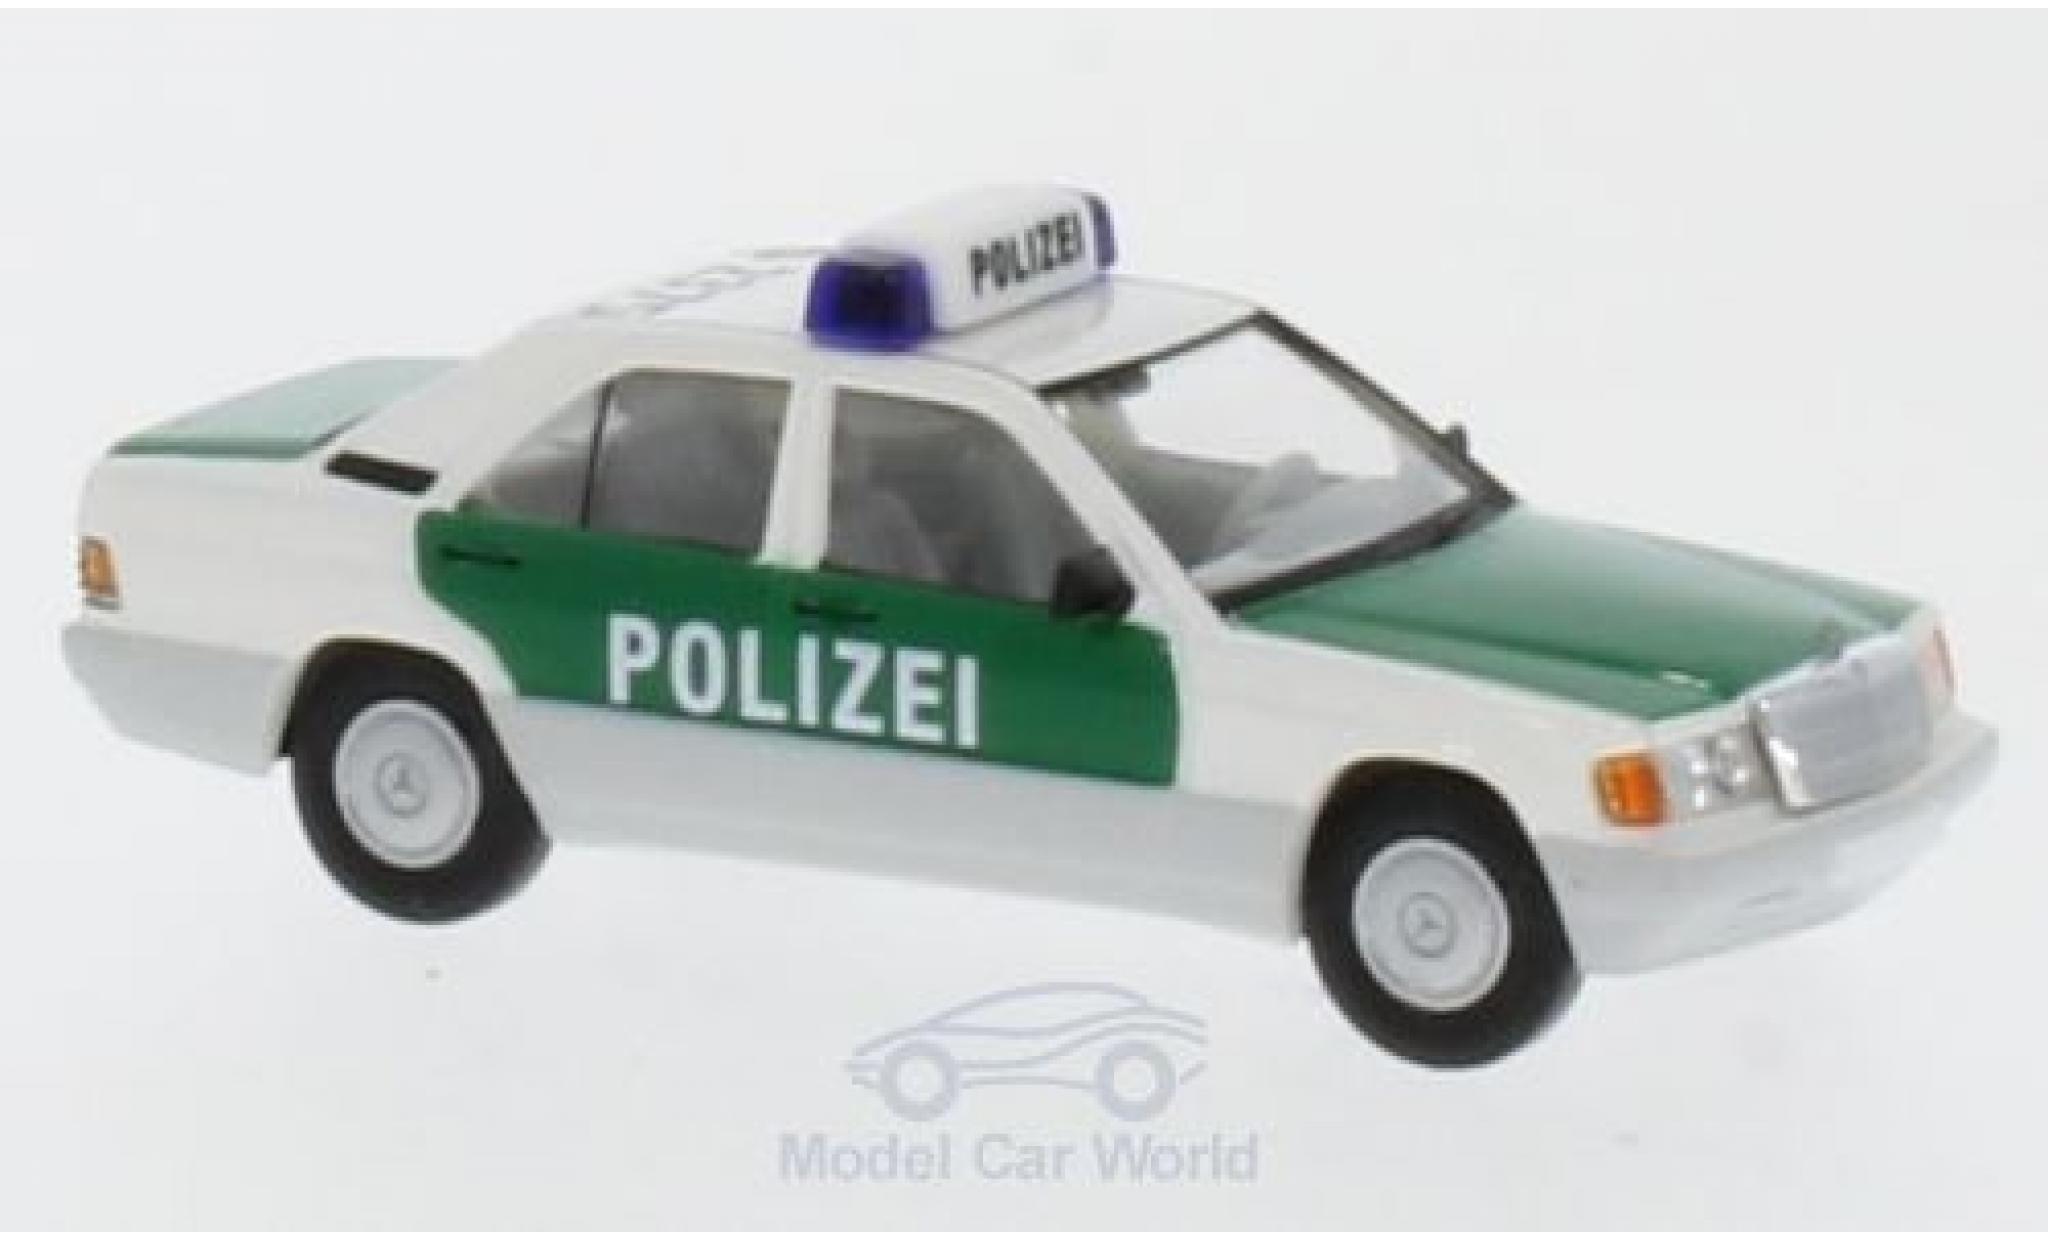 Mercedes 190 E 1/87 Brekina Starmada E Polizei Stuttgart mit Dachkennung S-2375